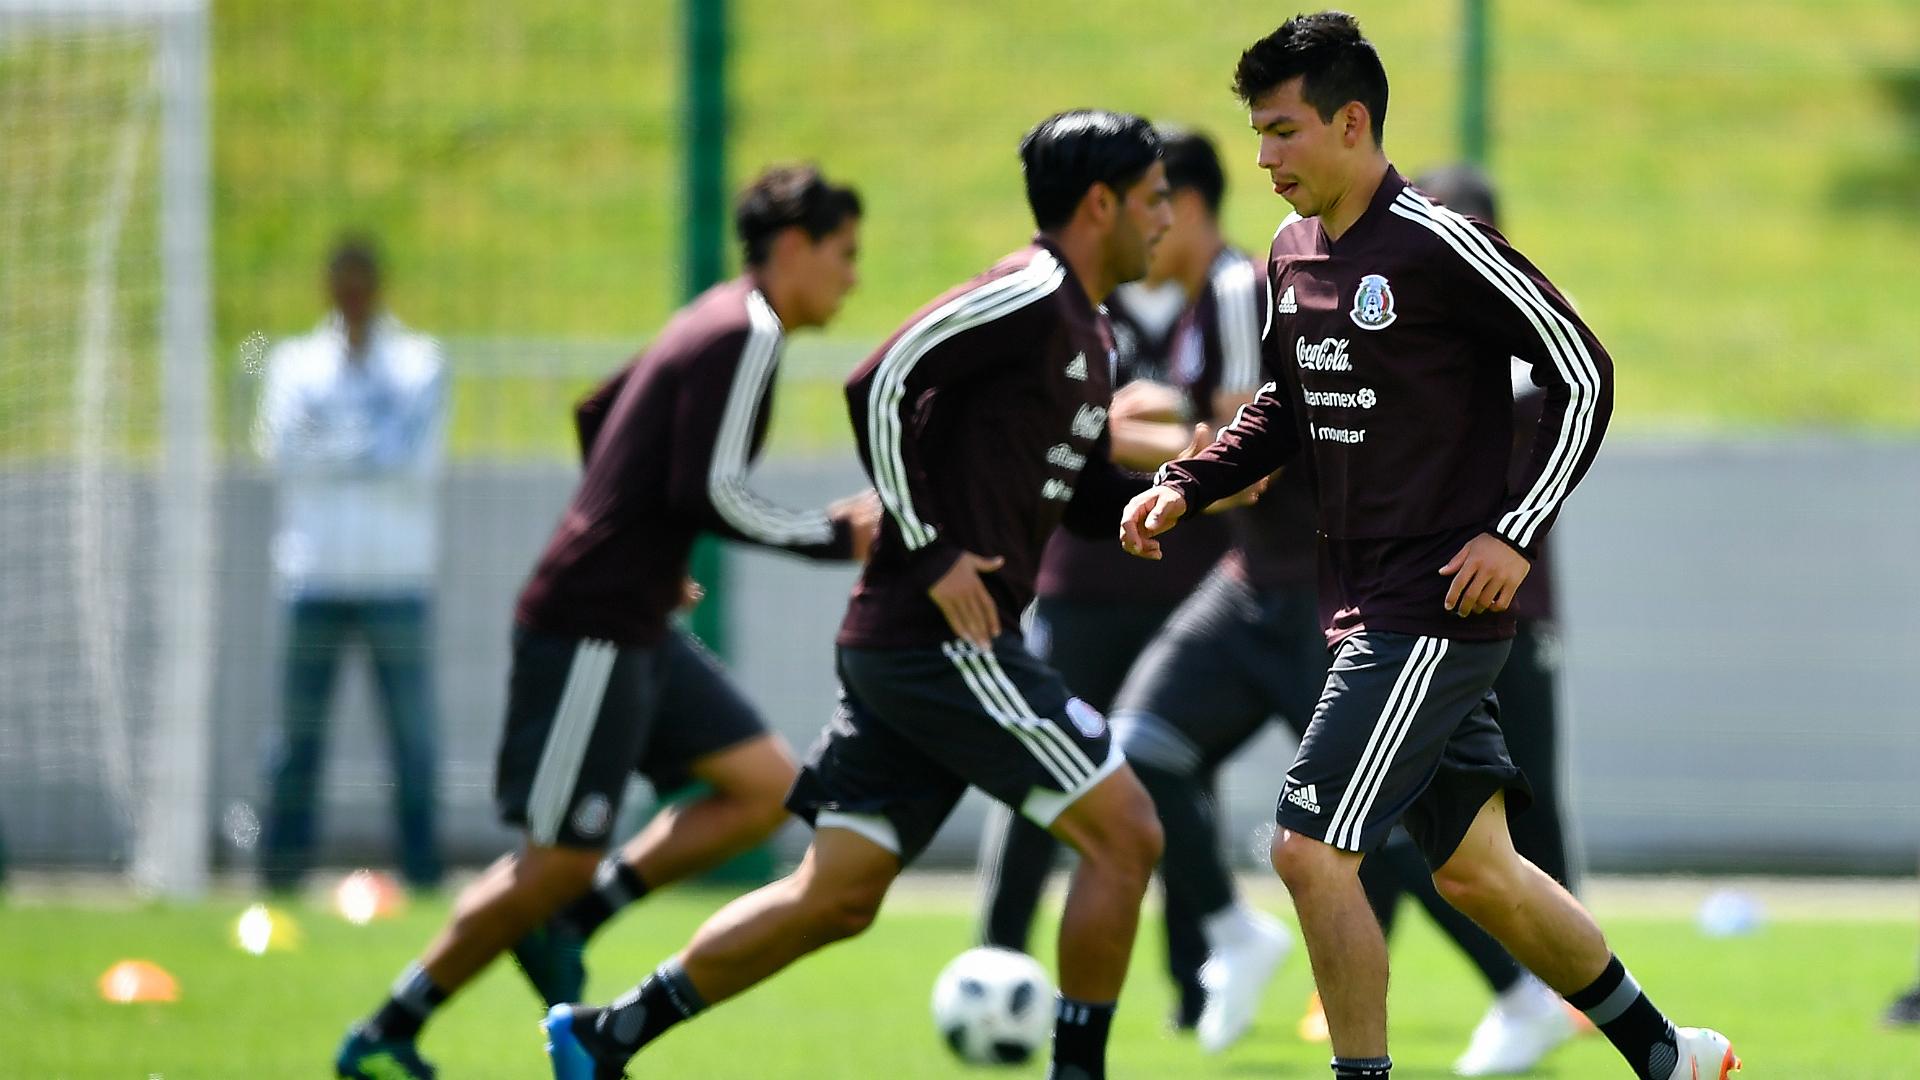 Aunque usted no lo crea: el gol de México provocó un temblor